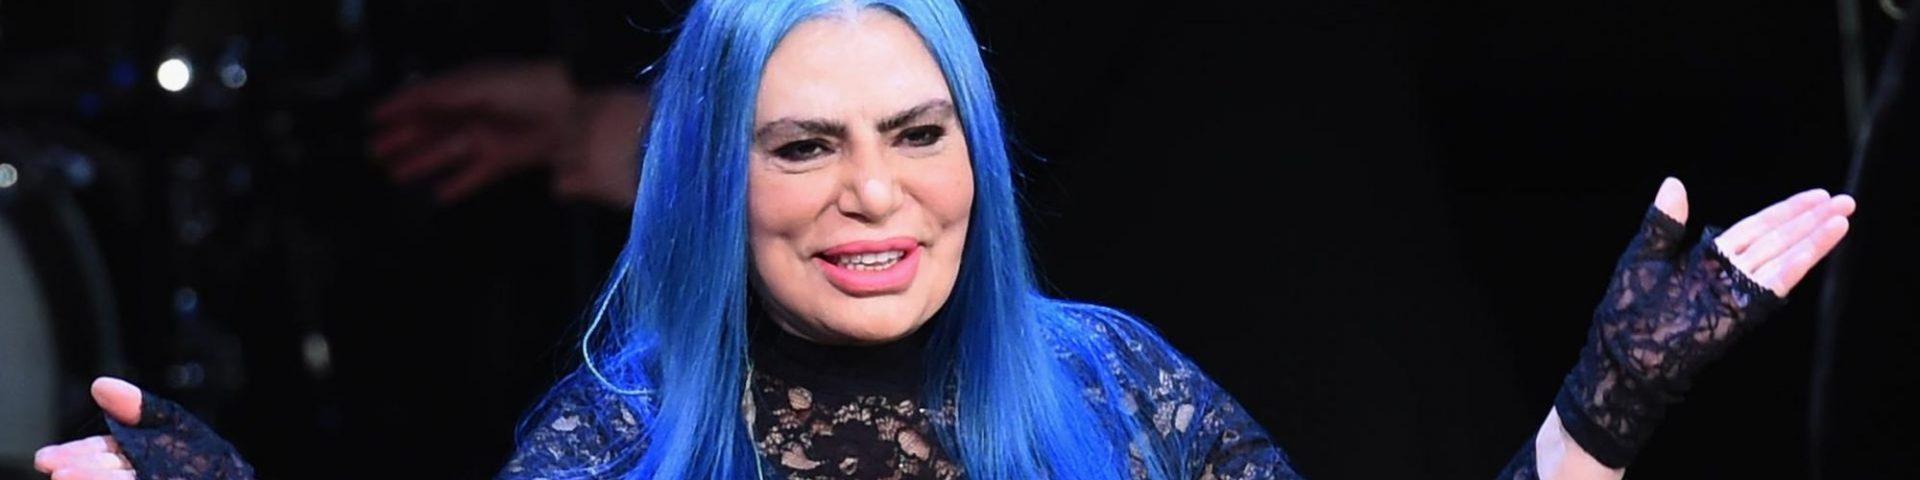 Loredana Bertè a Sanremo 2018? Le prime dichiarazioni